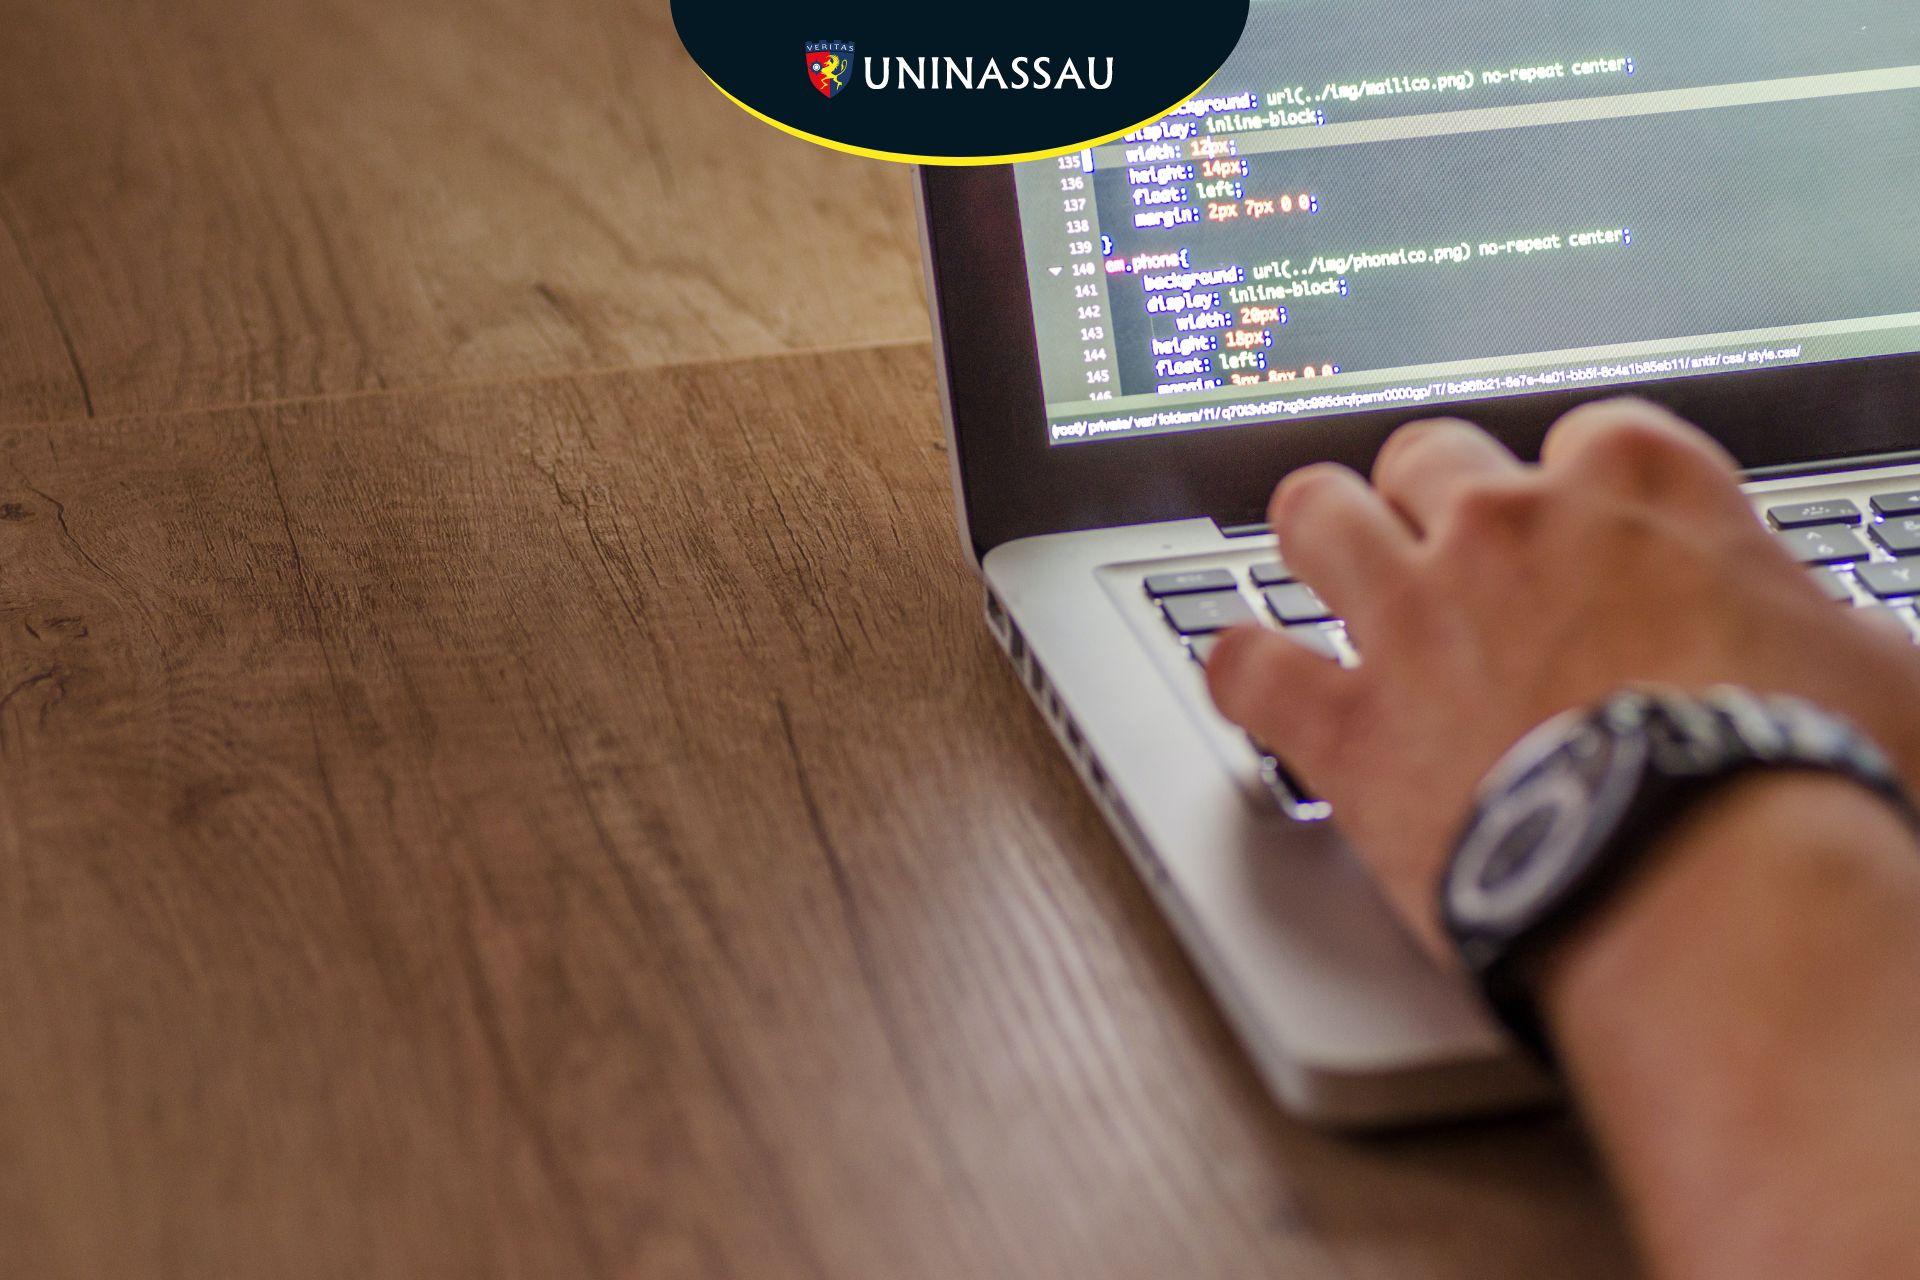 Engenharia-de-Software--DISCIPLINA-UNINASSAU-